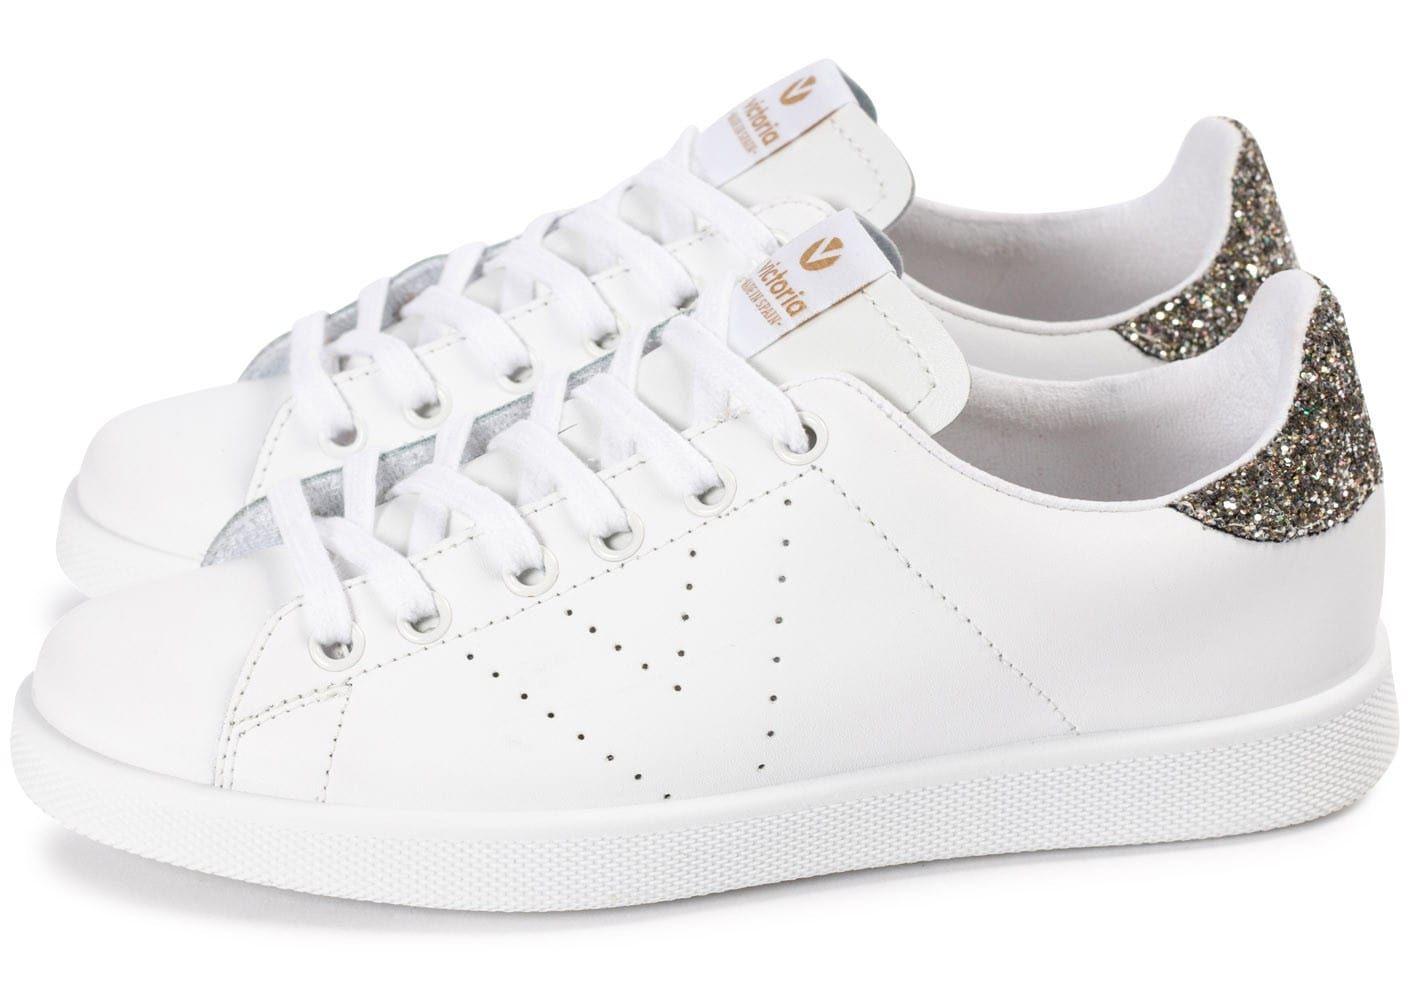 c5e30e1c9c93 Chaussures Victoria Deportivo Glitter Multicolor vue extérieure ...